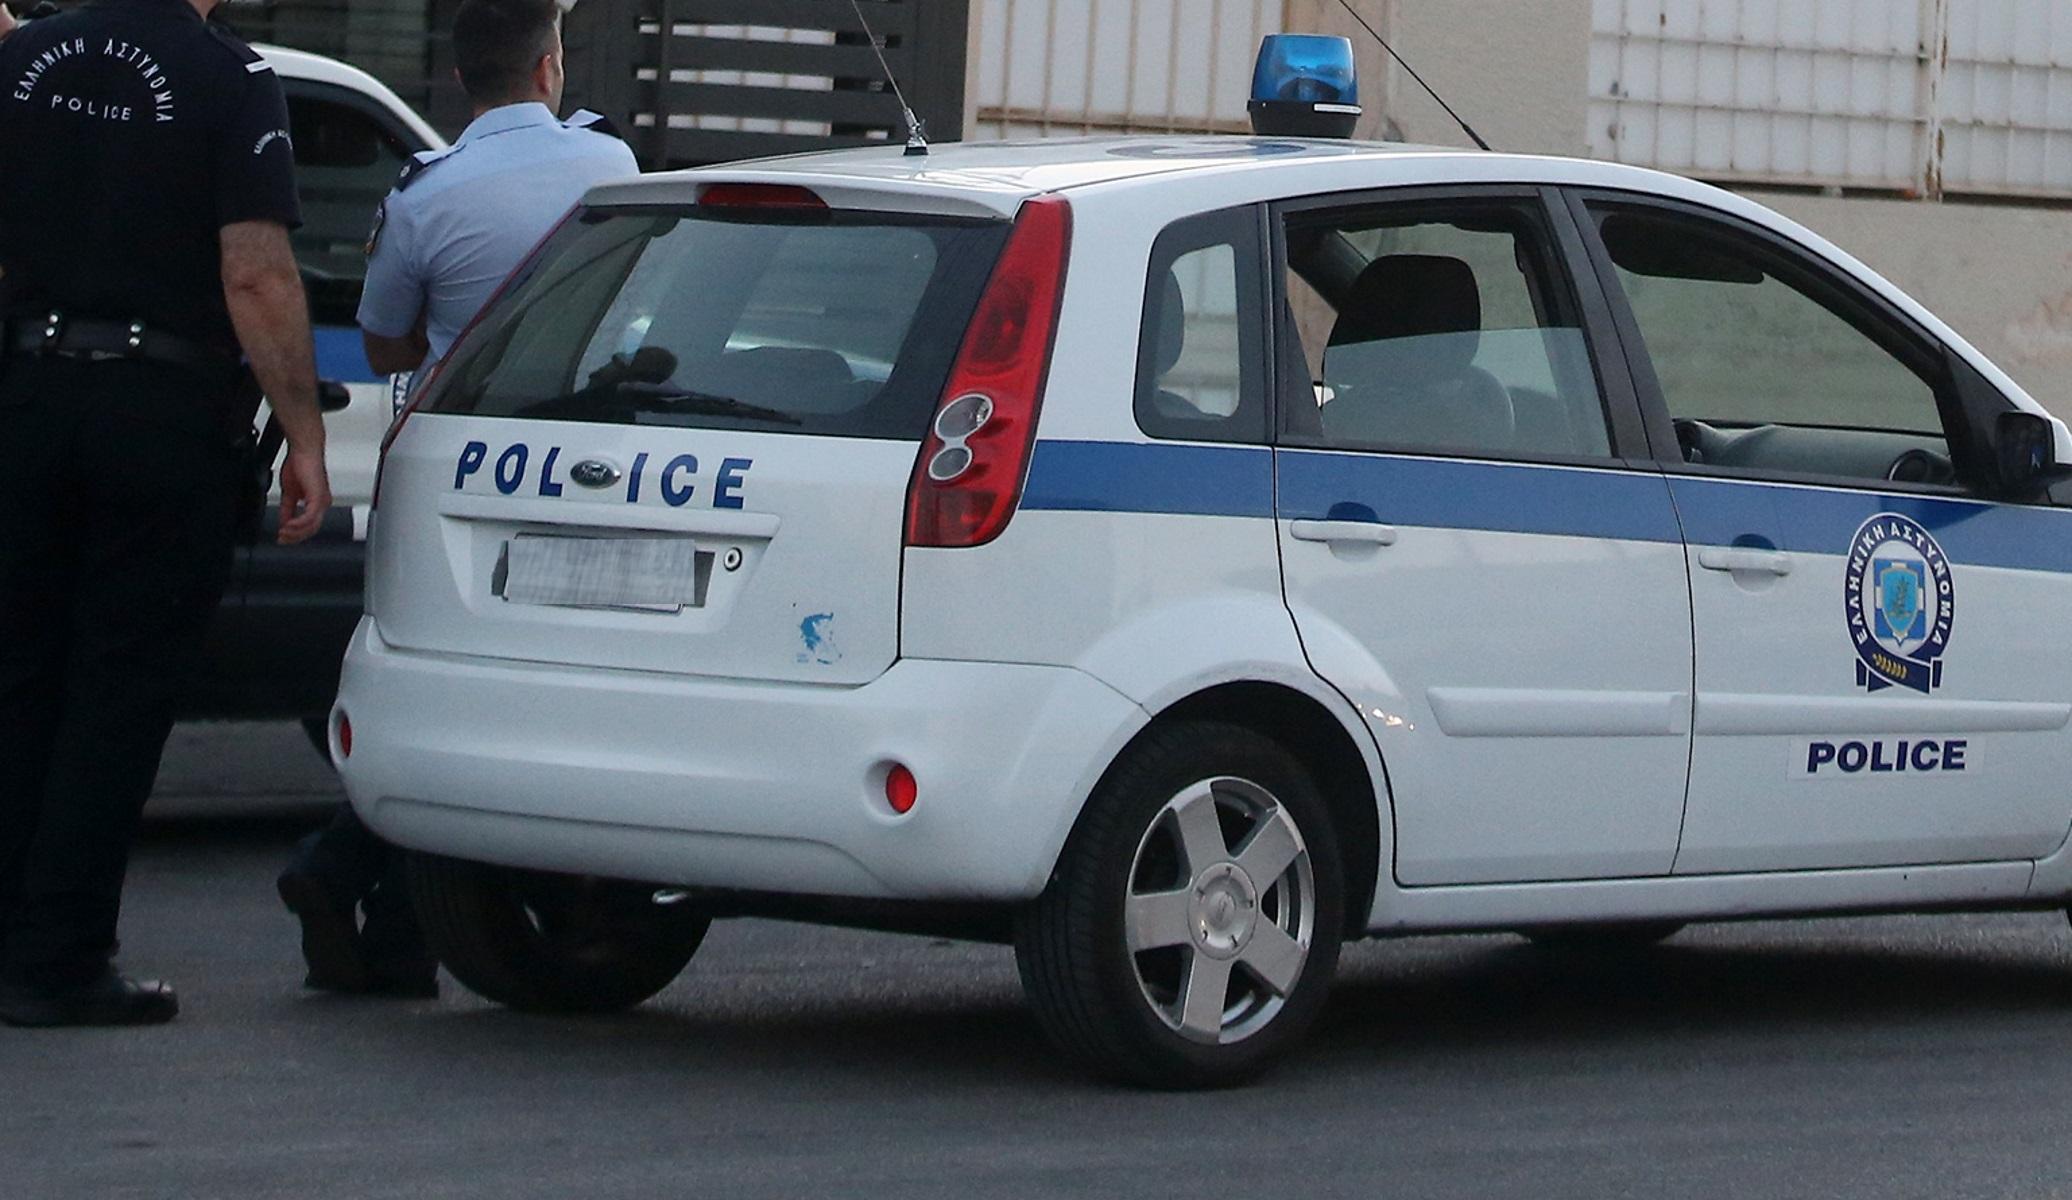 Κρήτη: Αυτοκτόνησε η κόρη που είχε συλληφθεί για κακοποίηση της μητέρας της!